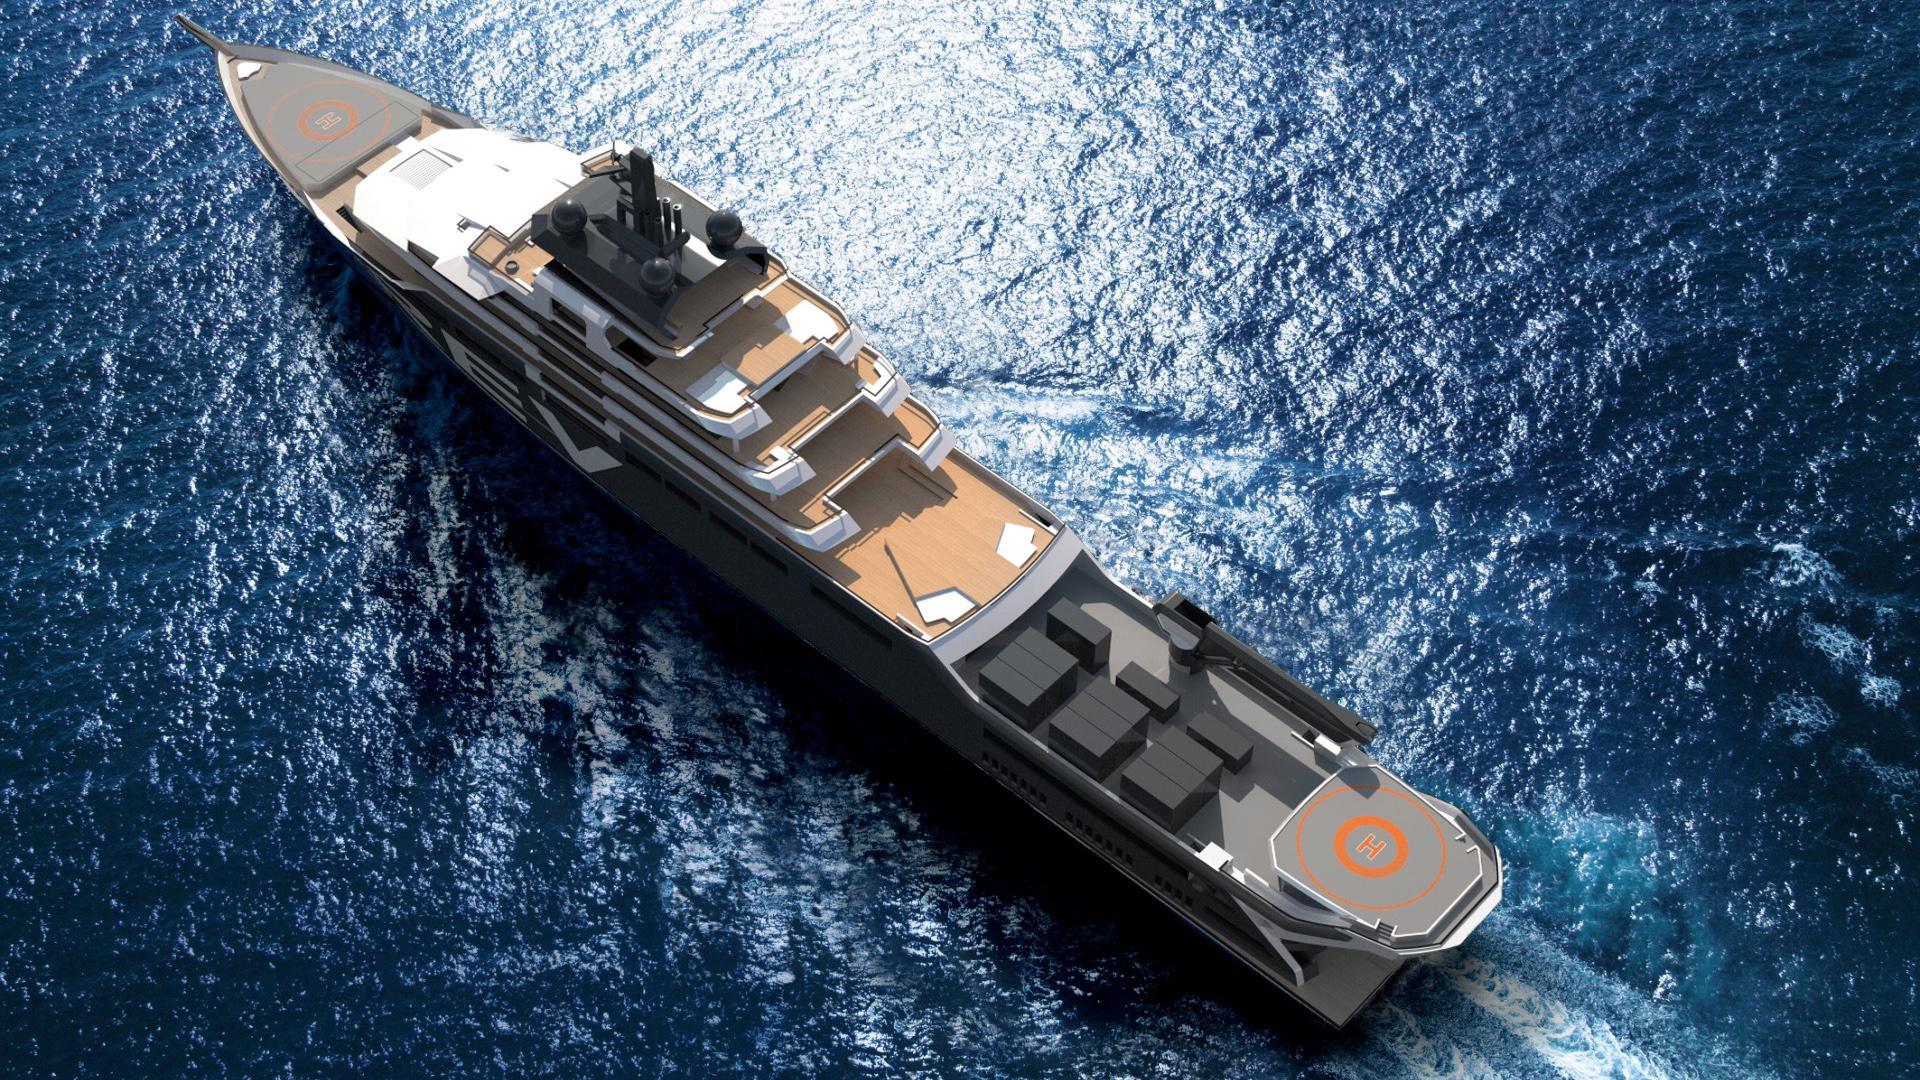 rev motoryacht vard 182m 2020 rendering aerial